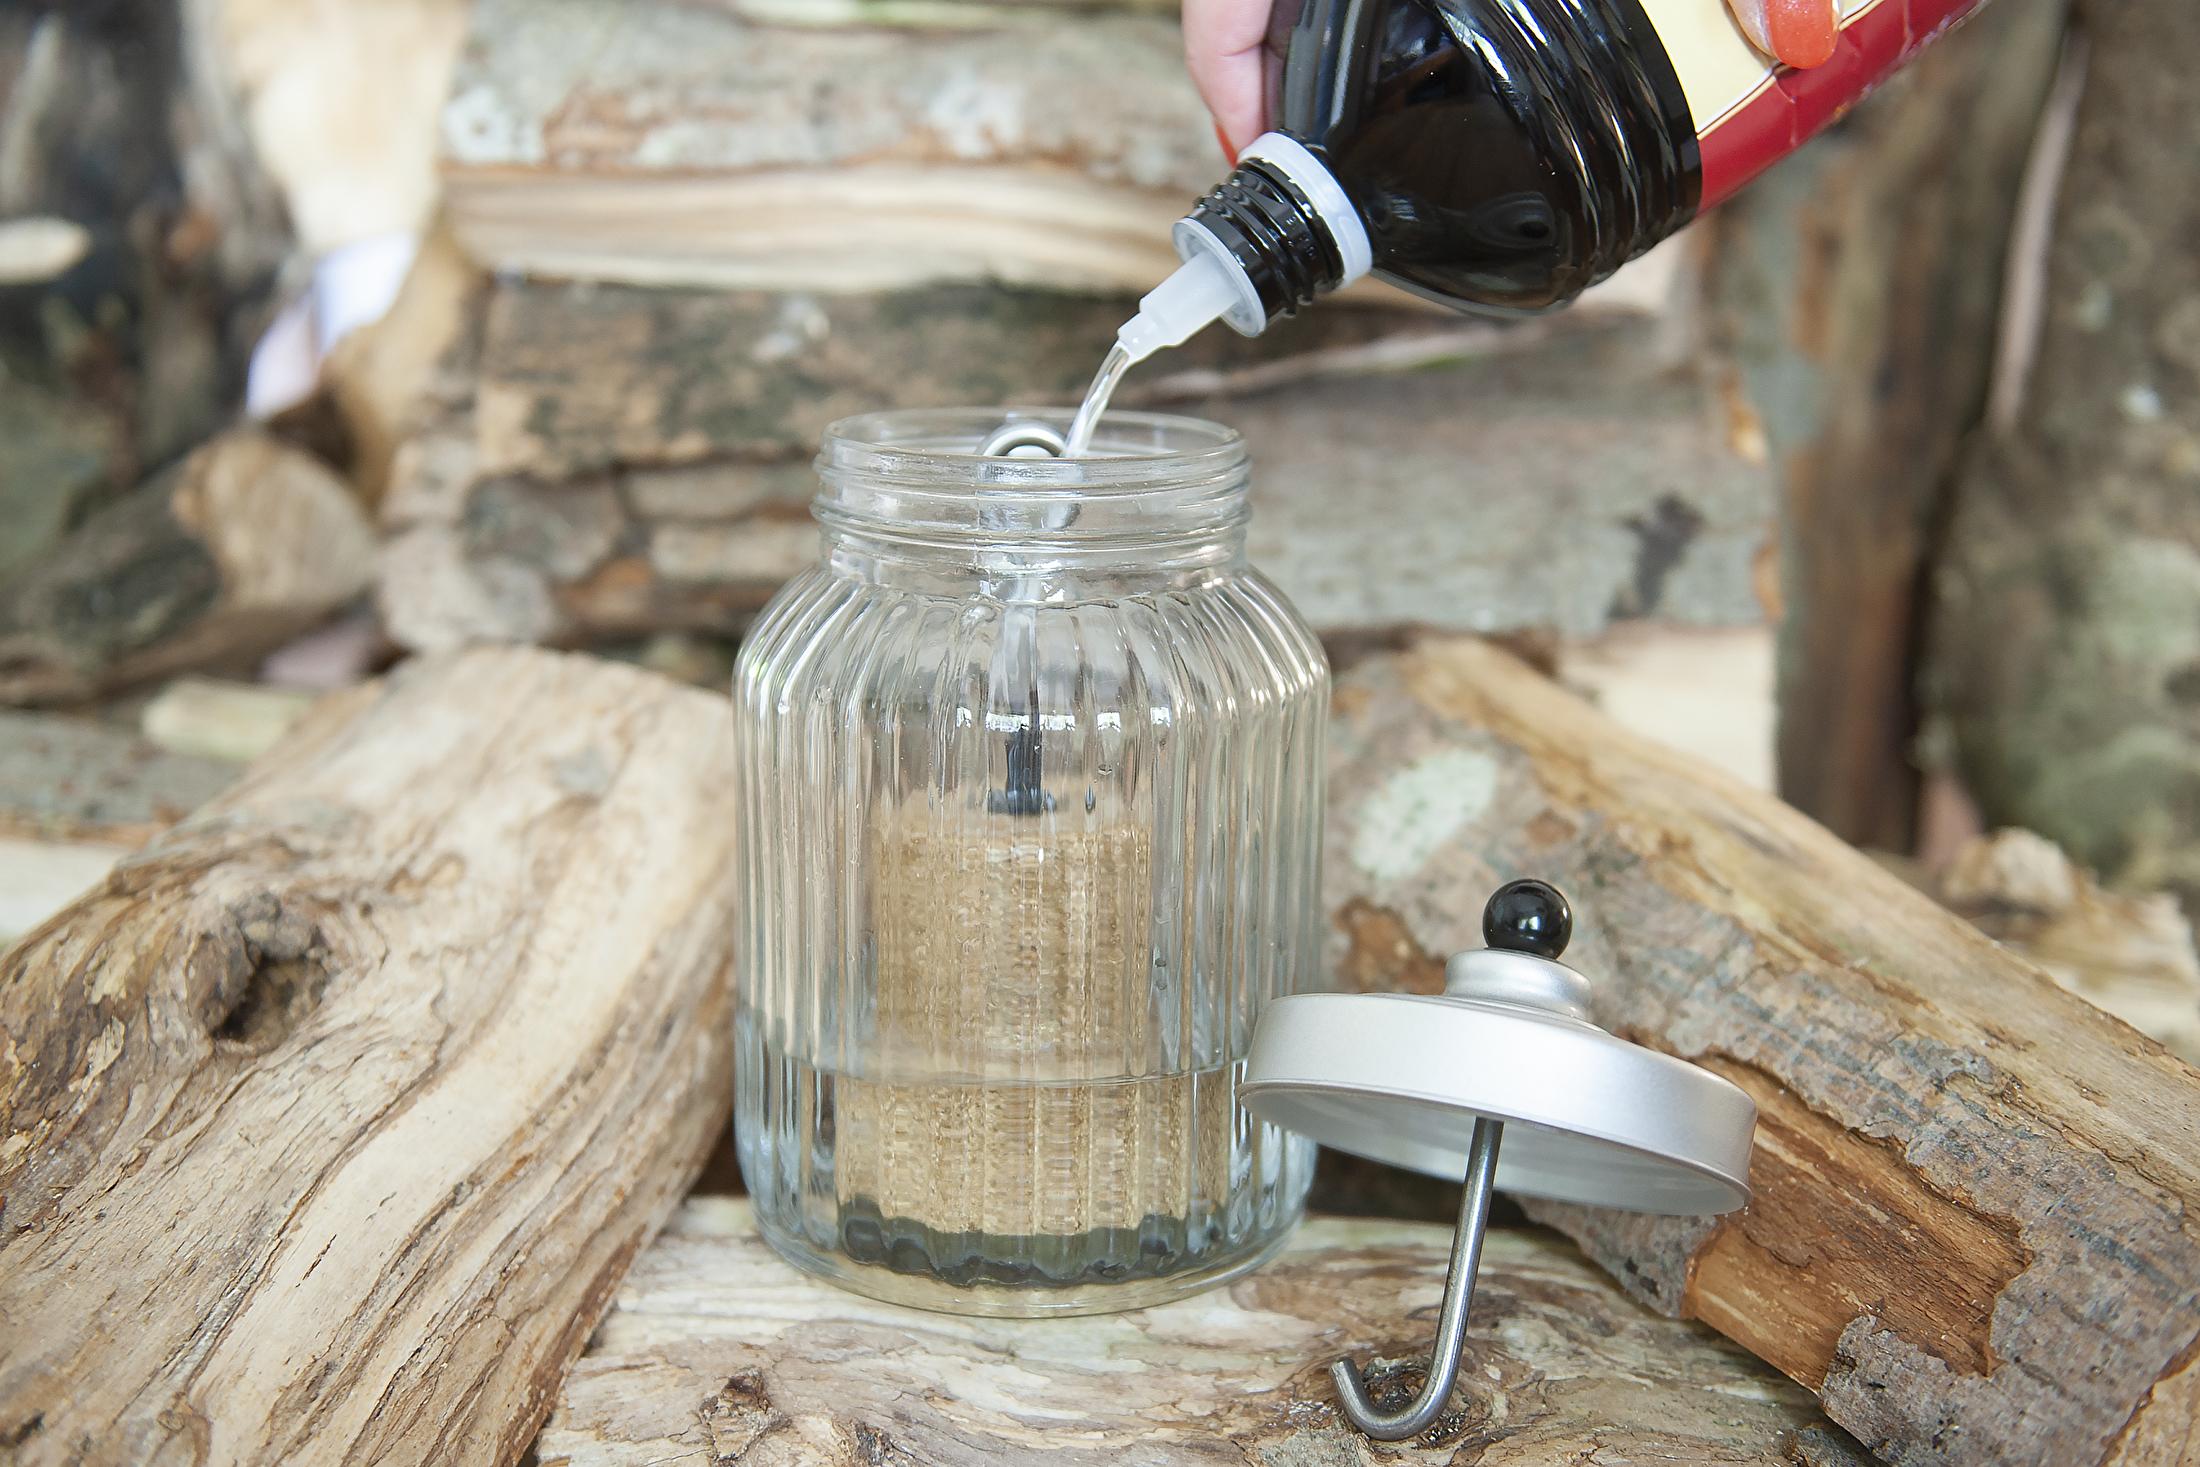 1 : Vul de pot met lampenolie